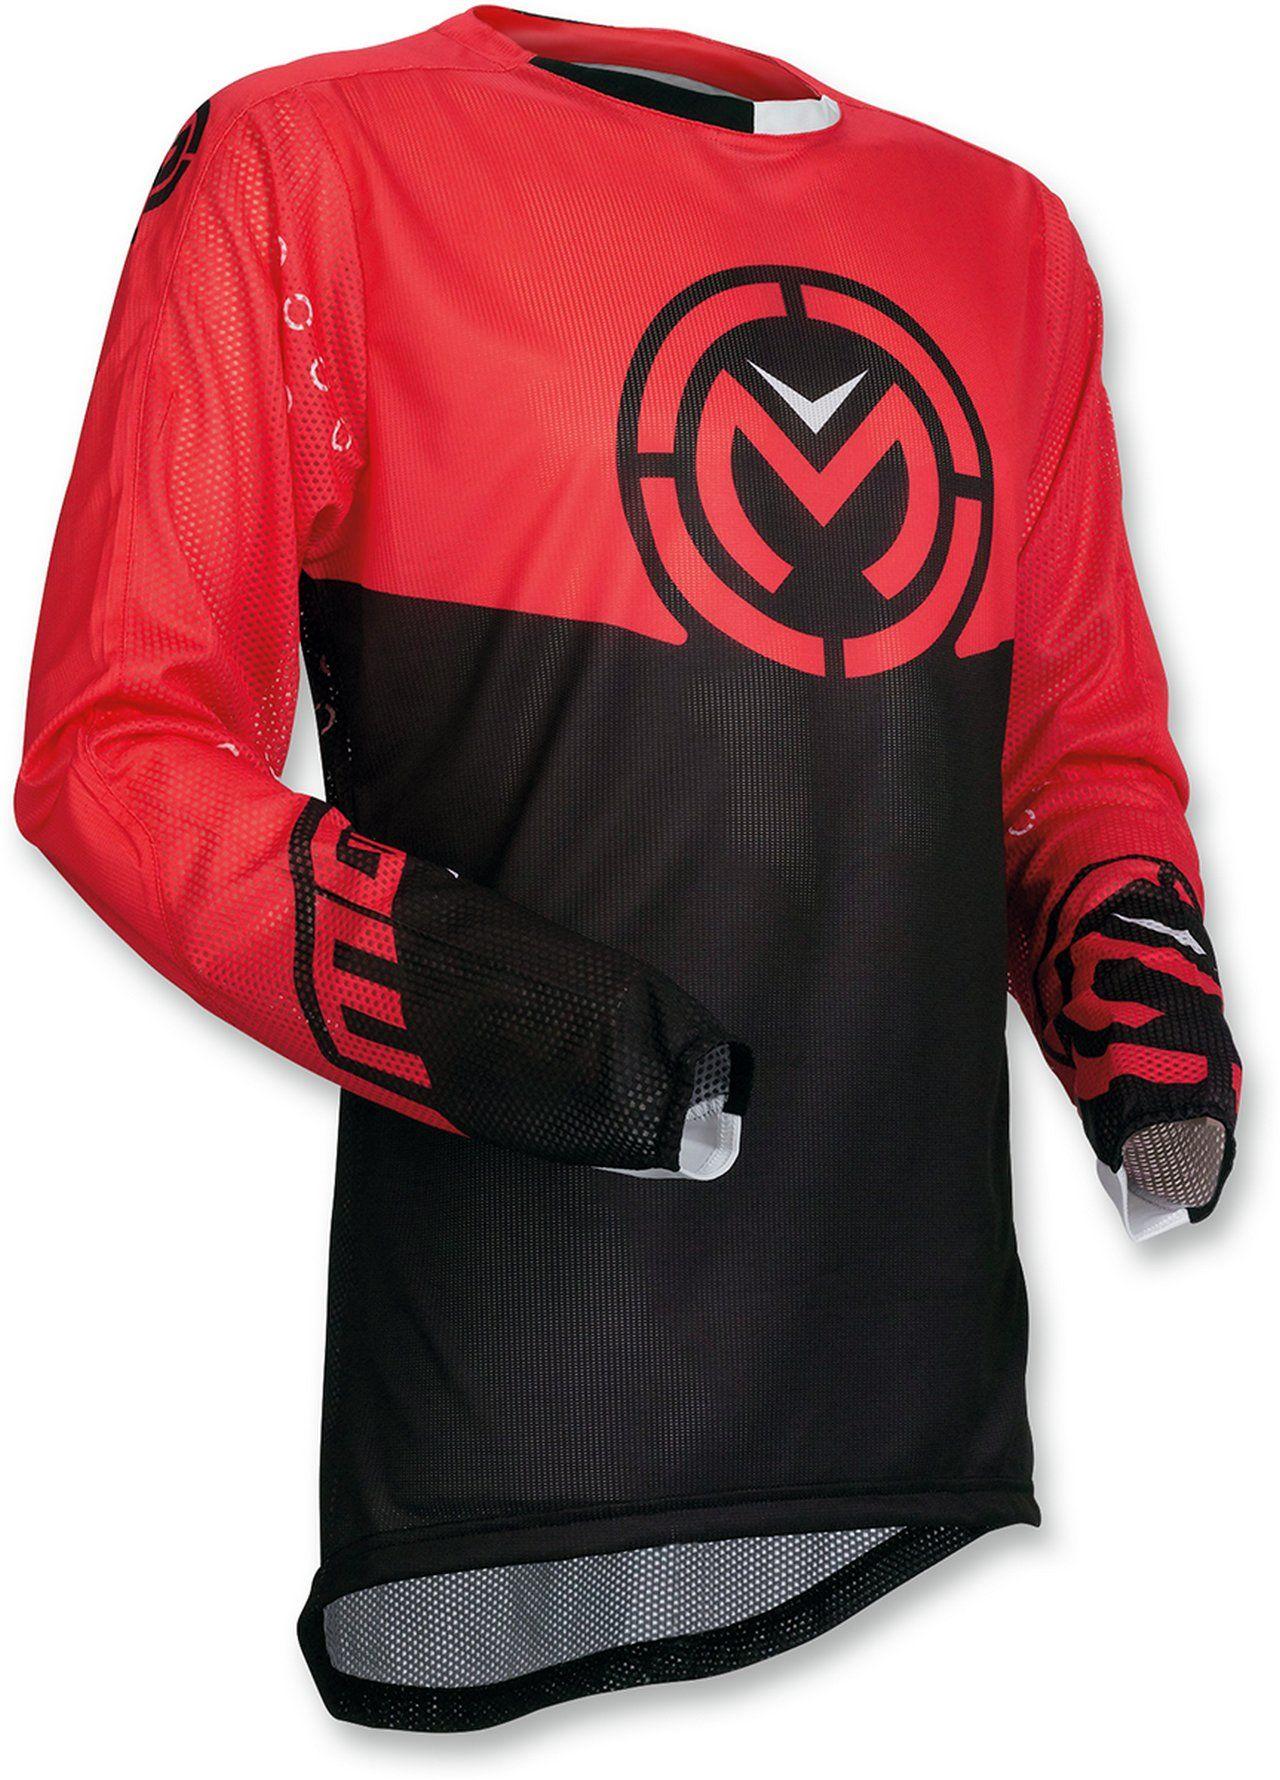 【MOOSE RACING】Sahara 越野車衣 [2910-4561] - 「Webike-摩托百貨」